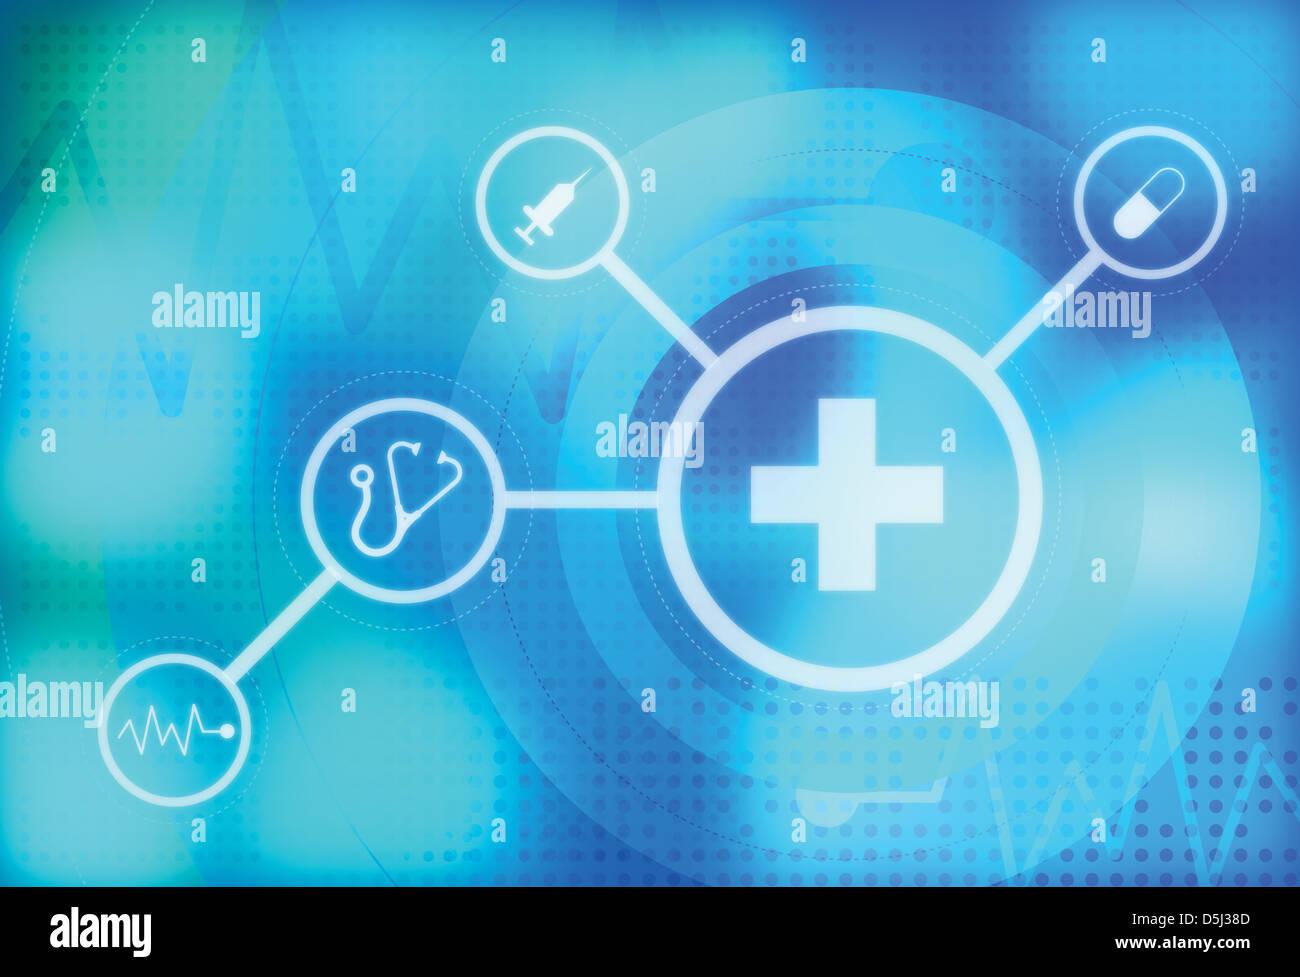 Anschauliches Bild medizinische Zeichen repräsentieren Gesundheitswesen Stockbild